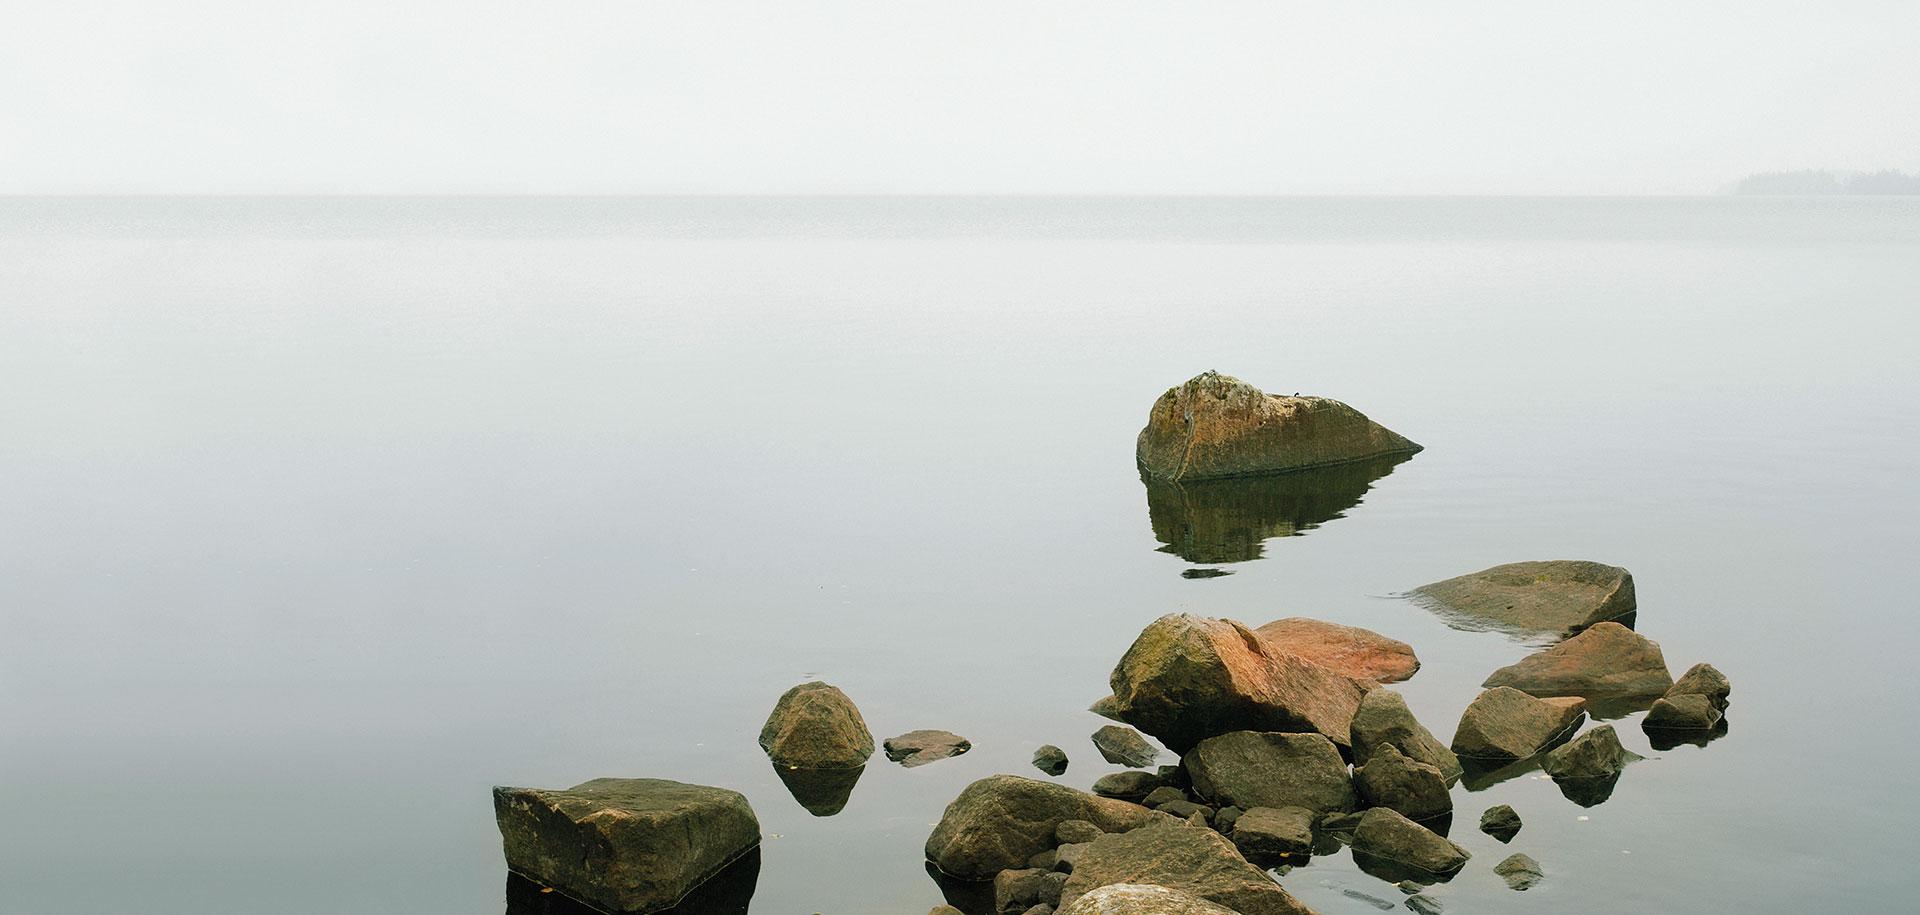 Thomas Steininger Trauerwaren Bild Steine im Wasser